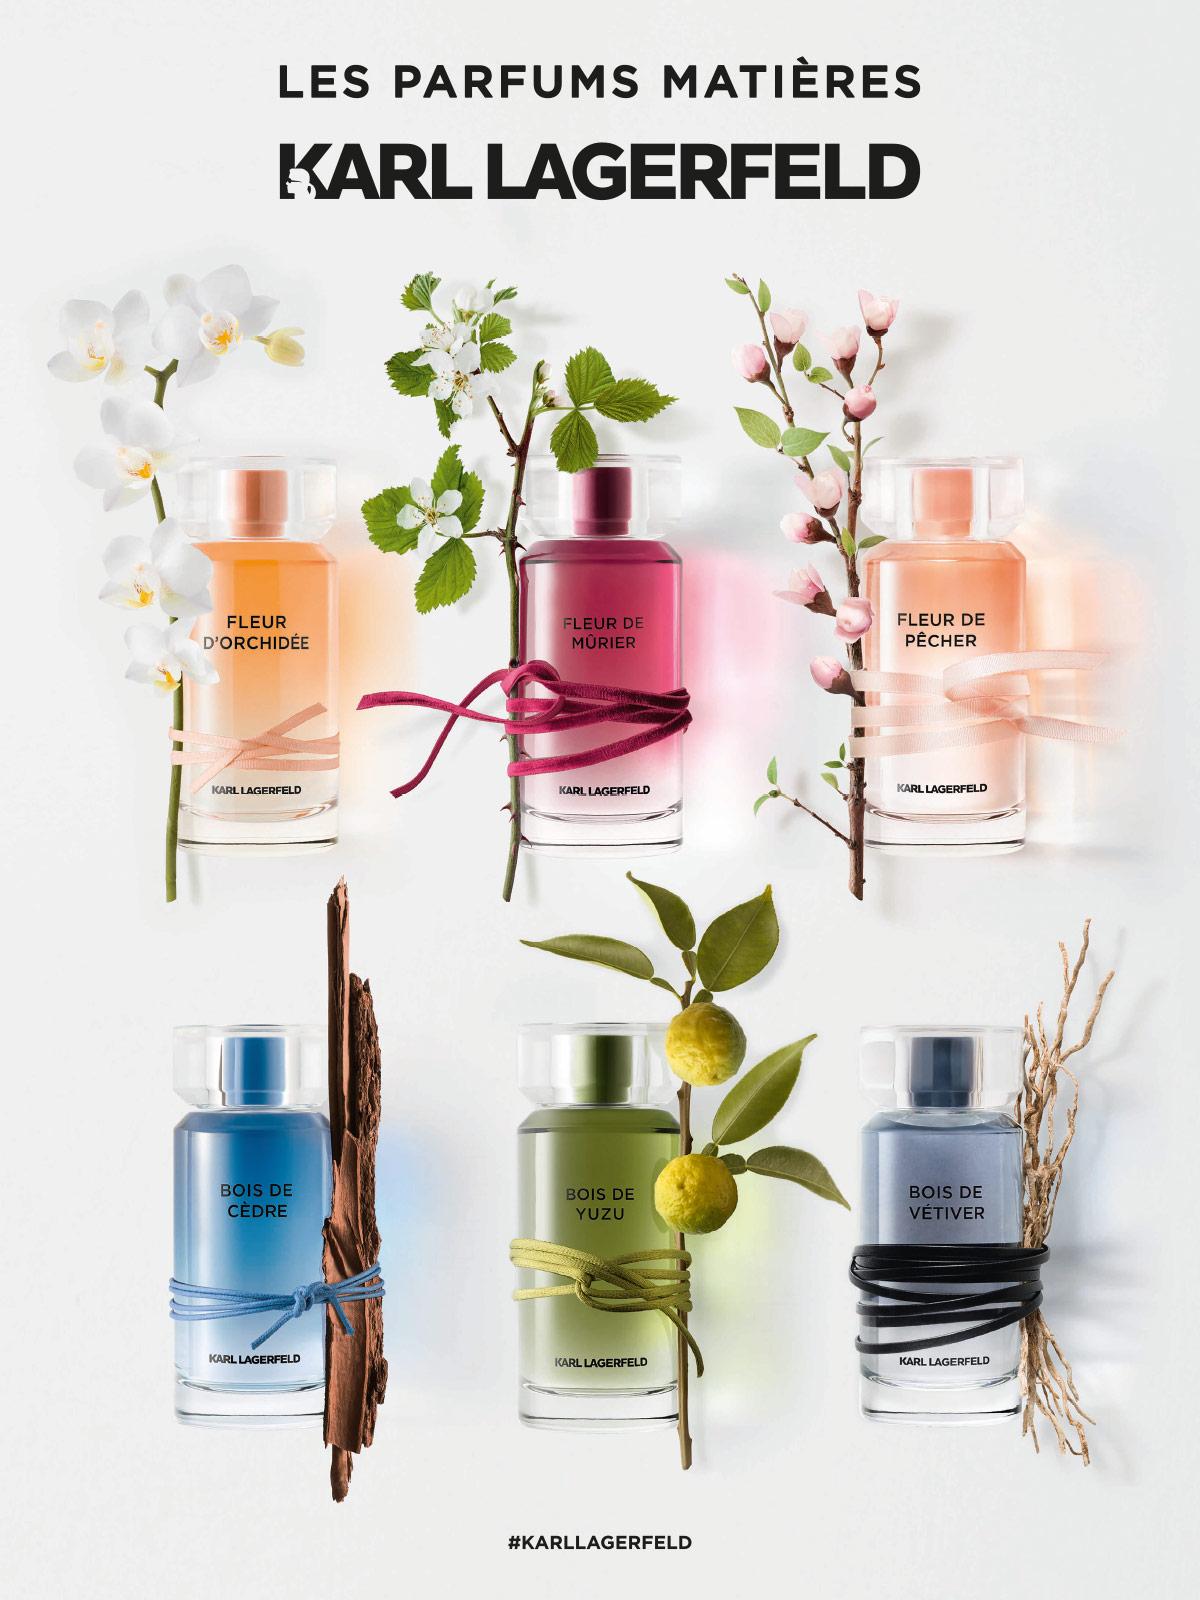 Ein Bild des Karl Lagerfeld Les Parfums Matieres Parfum Visuals